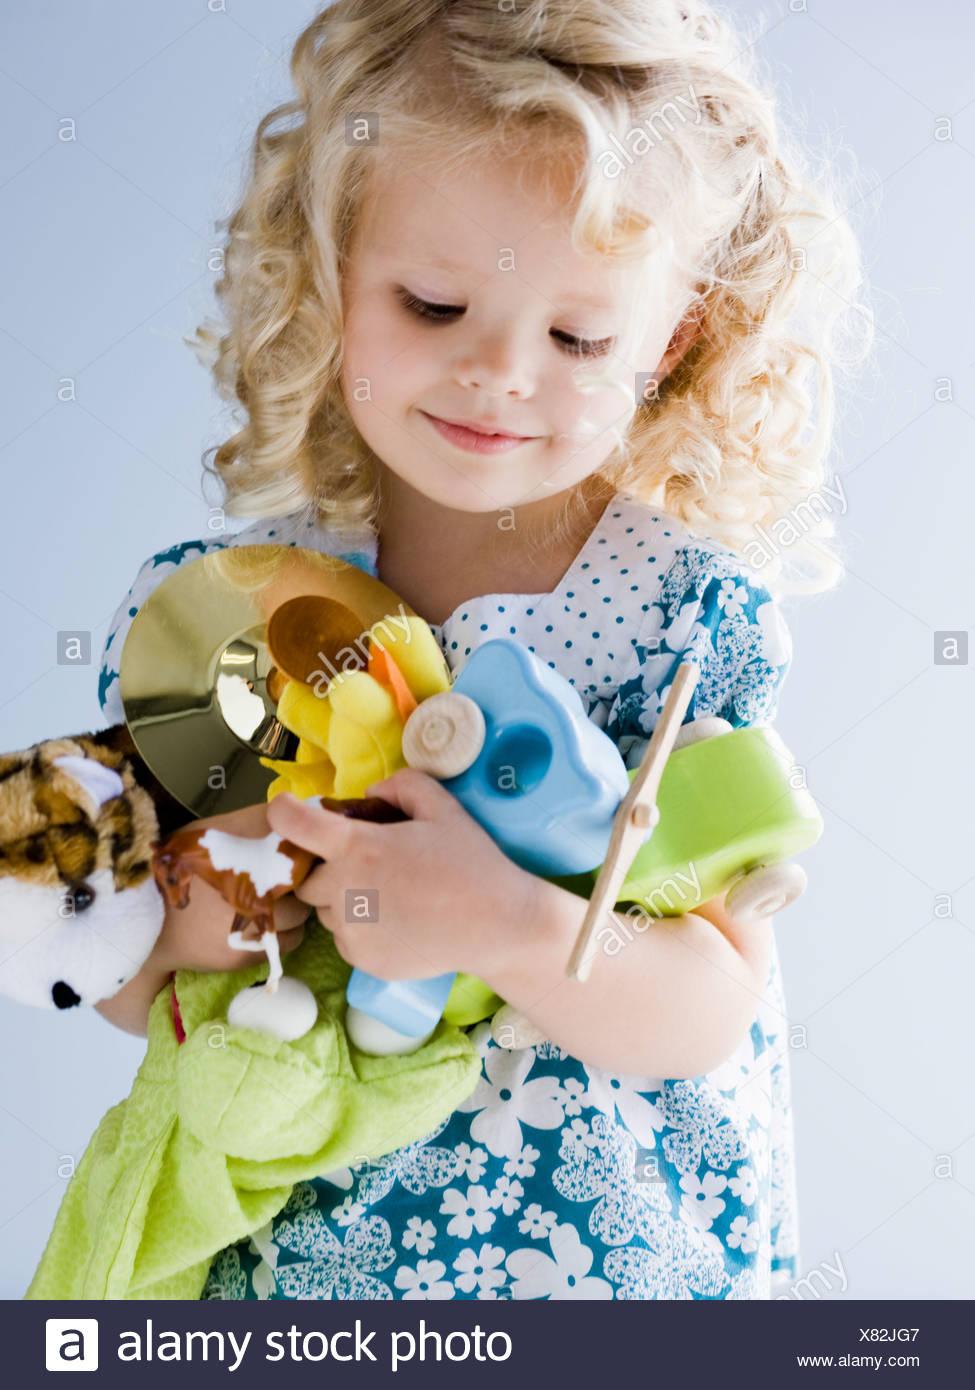 Petite fille tenant une brassée de ses jouets Photo Stock